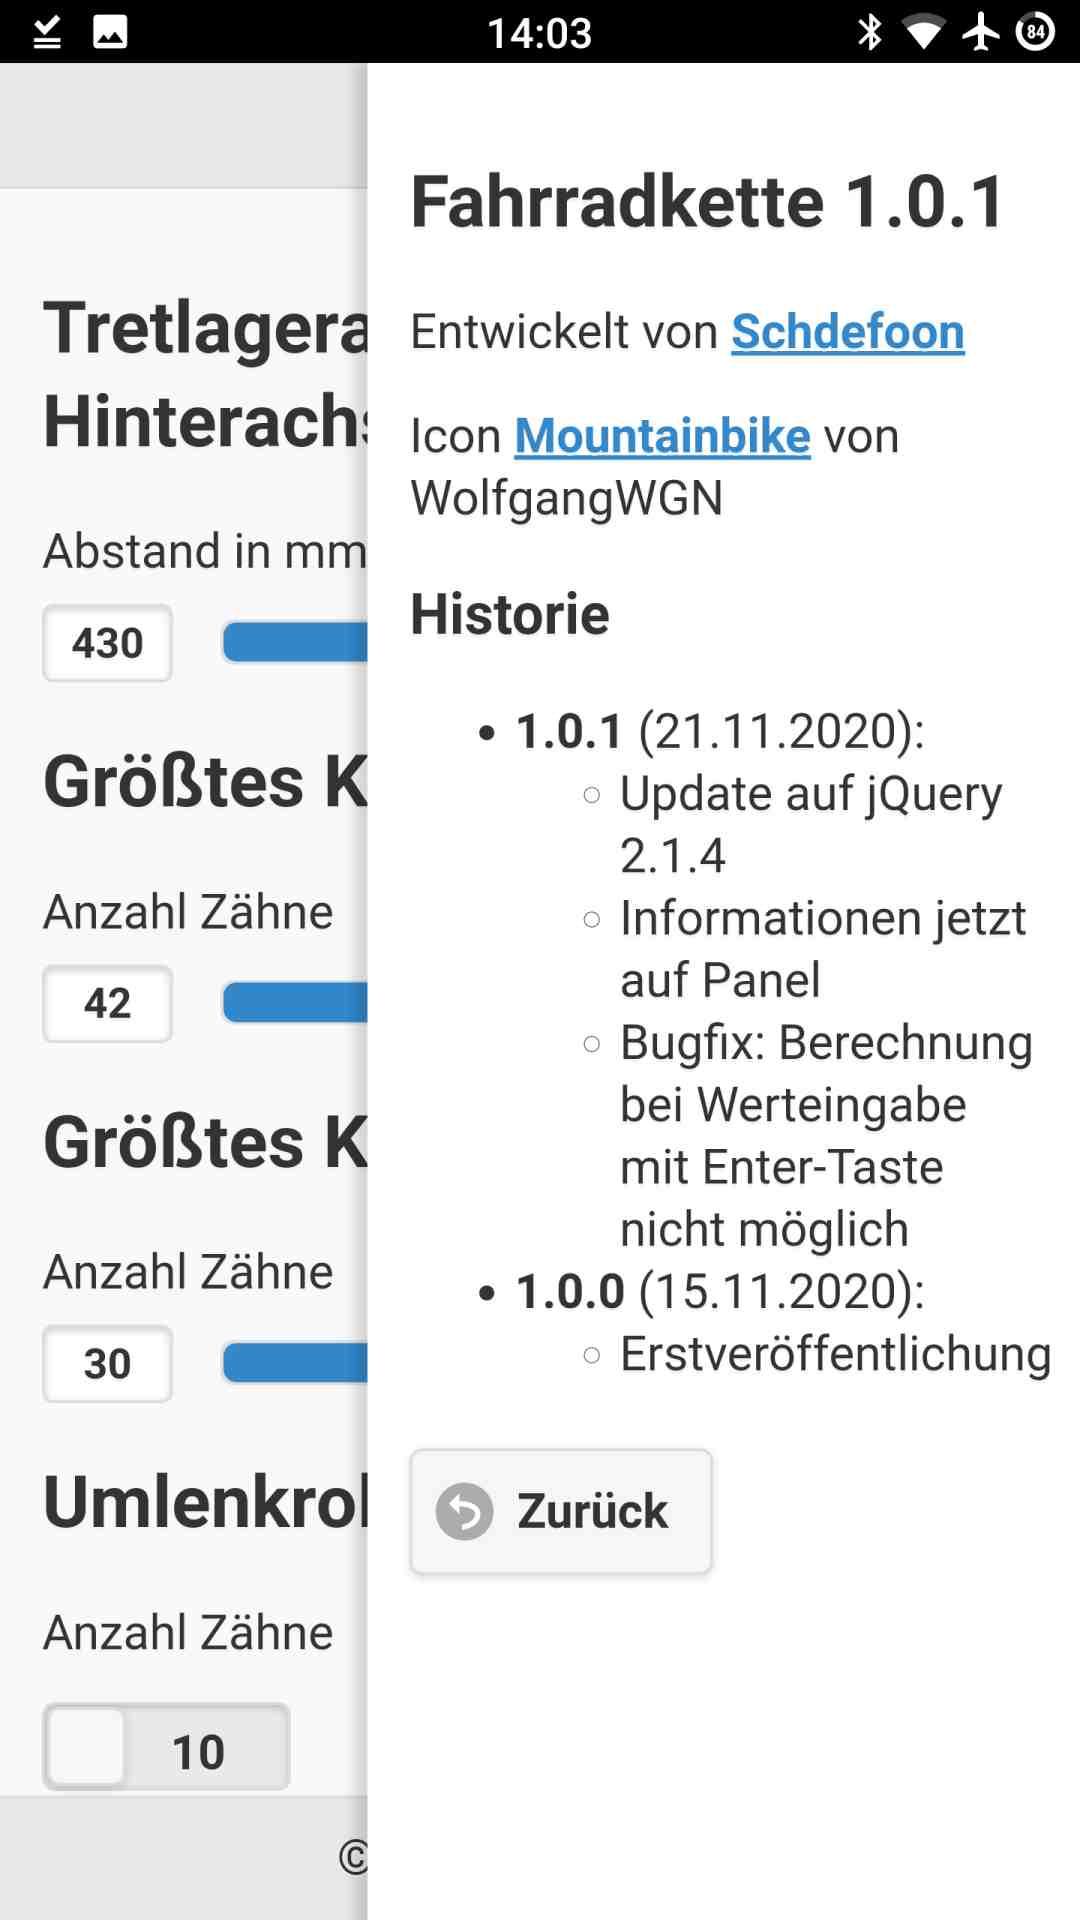 Das Info-Fenster der Fahrrad-App mit Angaben zum Entwickler und zur Historie